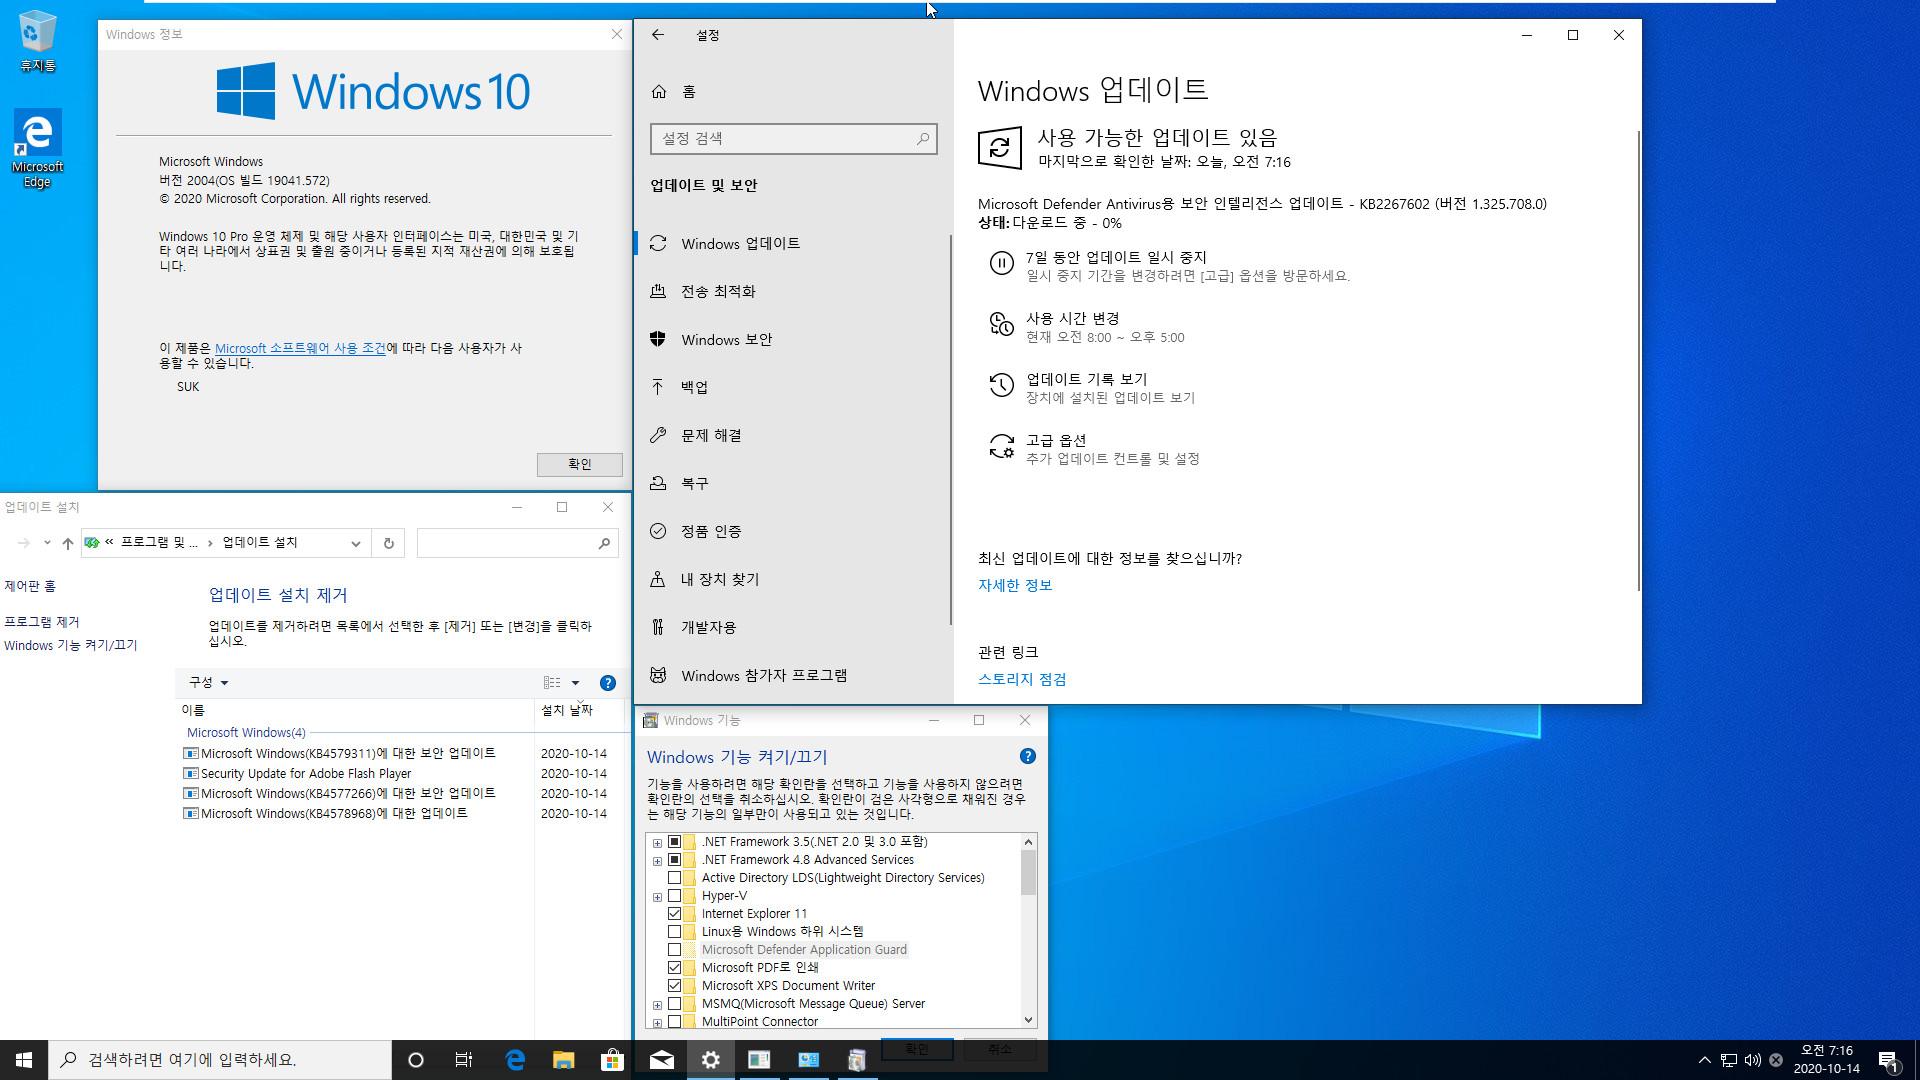 2020-10-14 수요일 정기 업데이트 통합 PRO x64 2개 - Windows 10 버전 2004 + 버전 20H2 누적 업데이트 KB4579311 (OS 빌드 19041.572 + 19042.572) - 설치 테스트 2020-10-14_071654.jpg